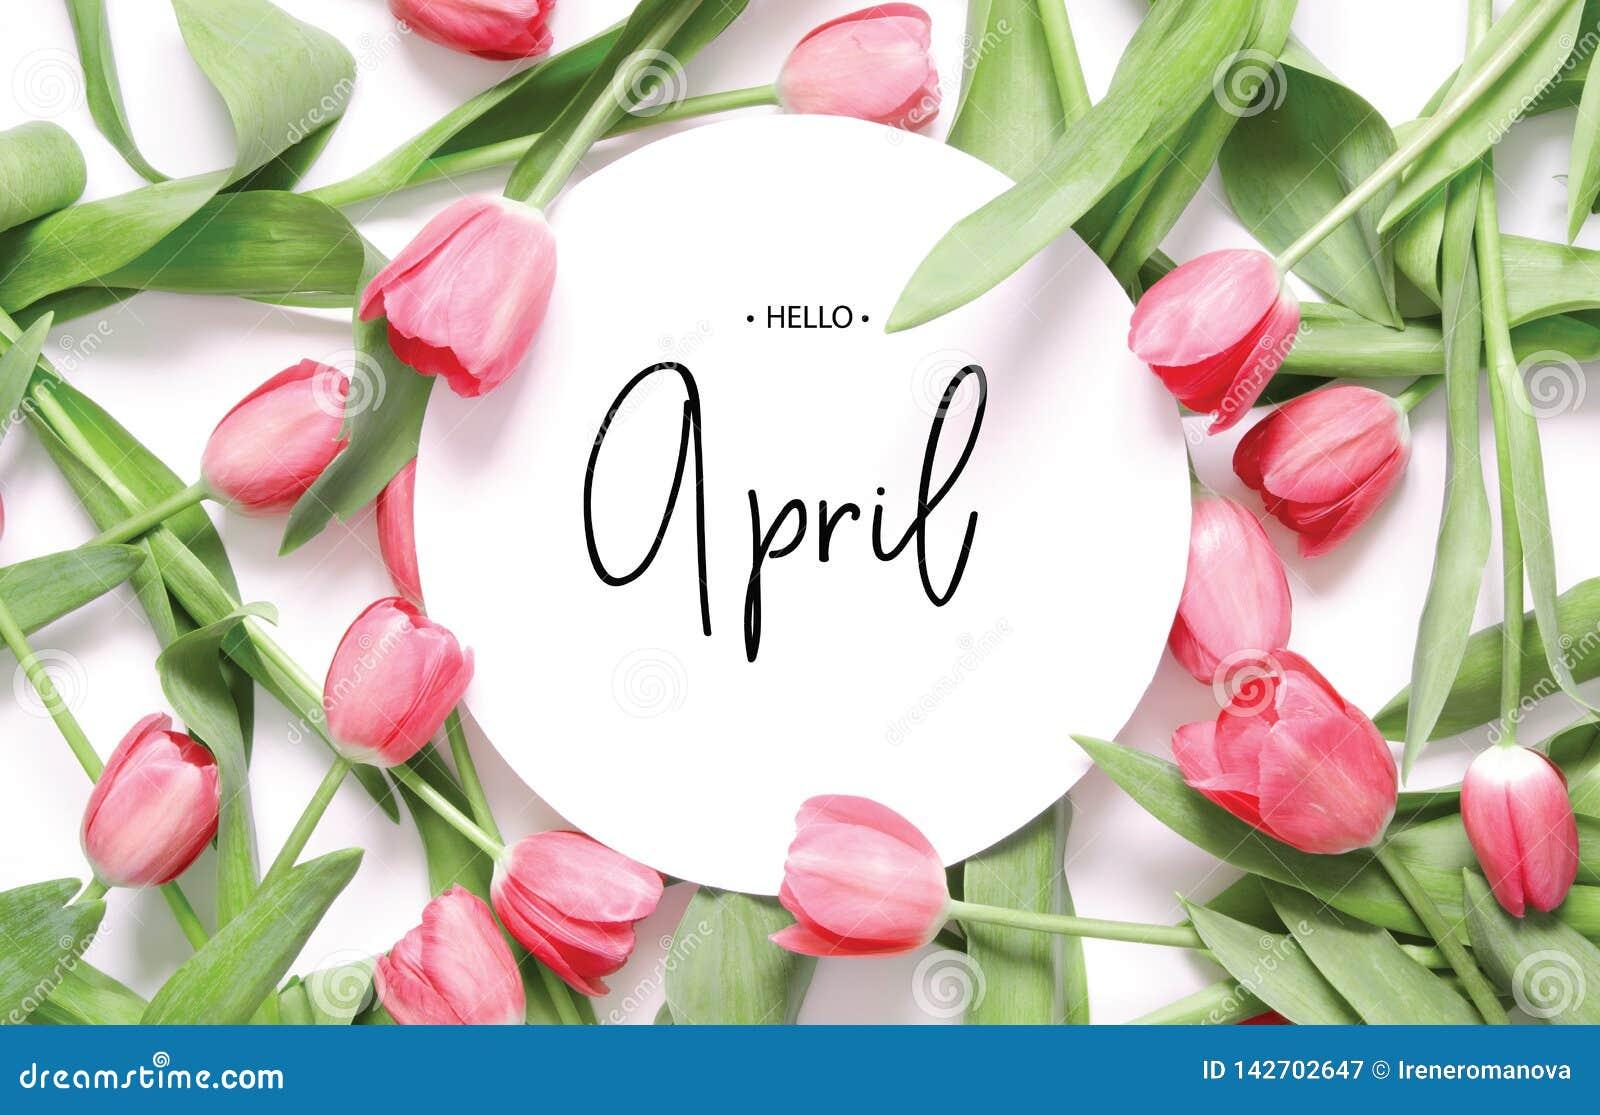 Надпись здравствуйте апрель Цветок тюльпана